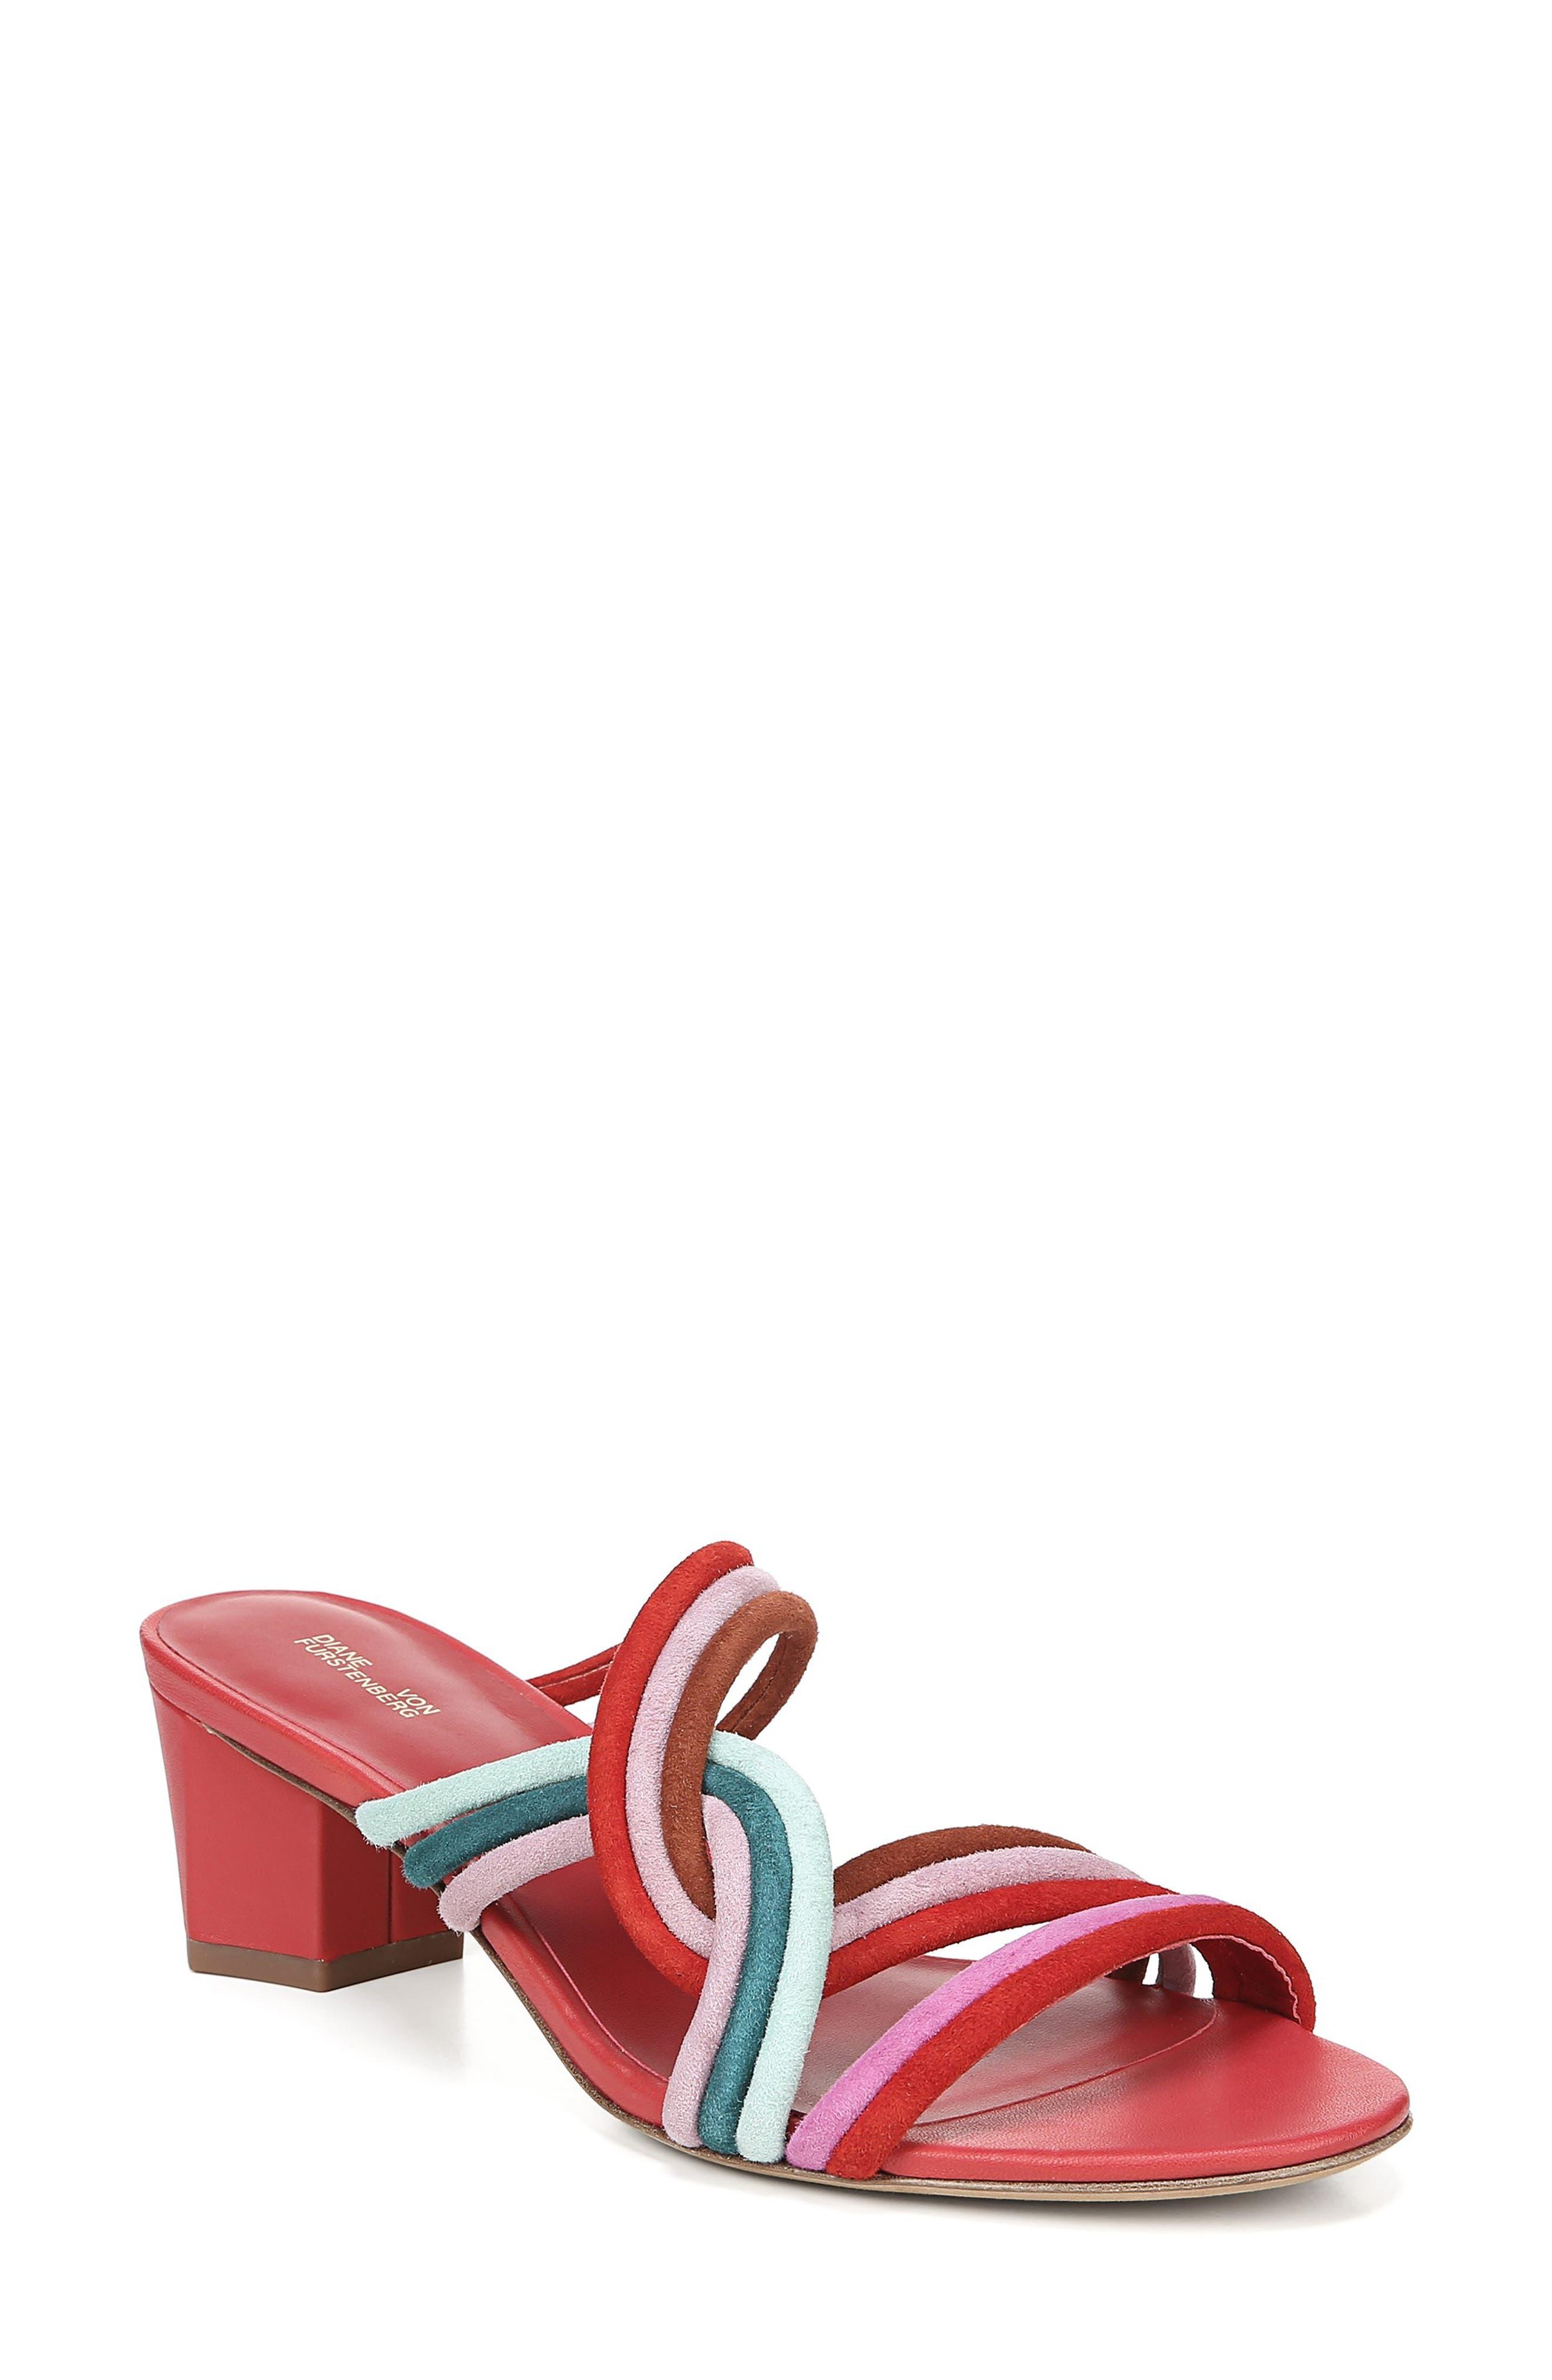 Diane Von Furstenberg Jada Sandal, Red